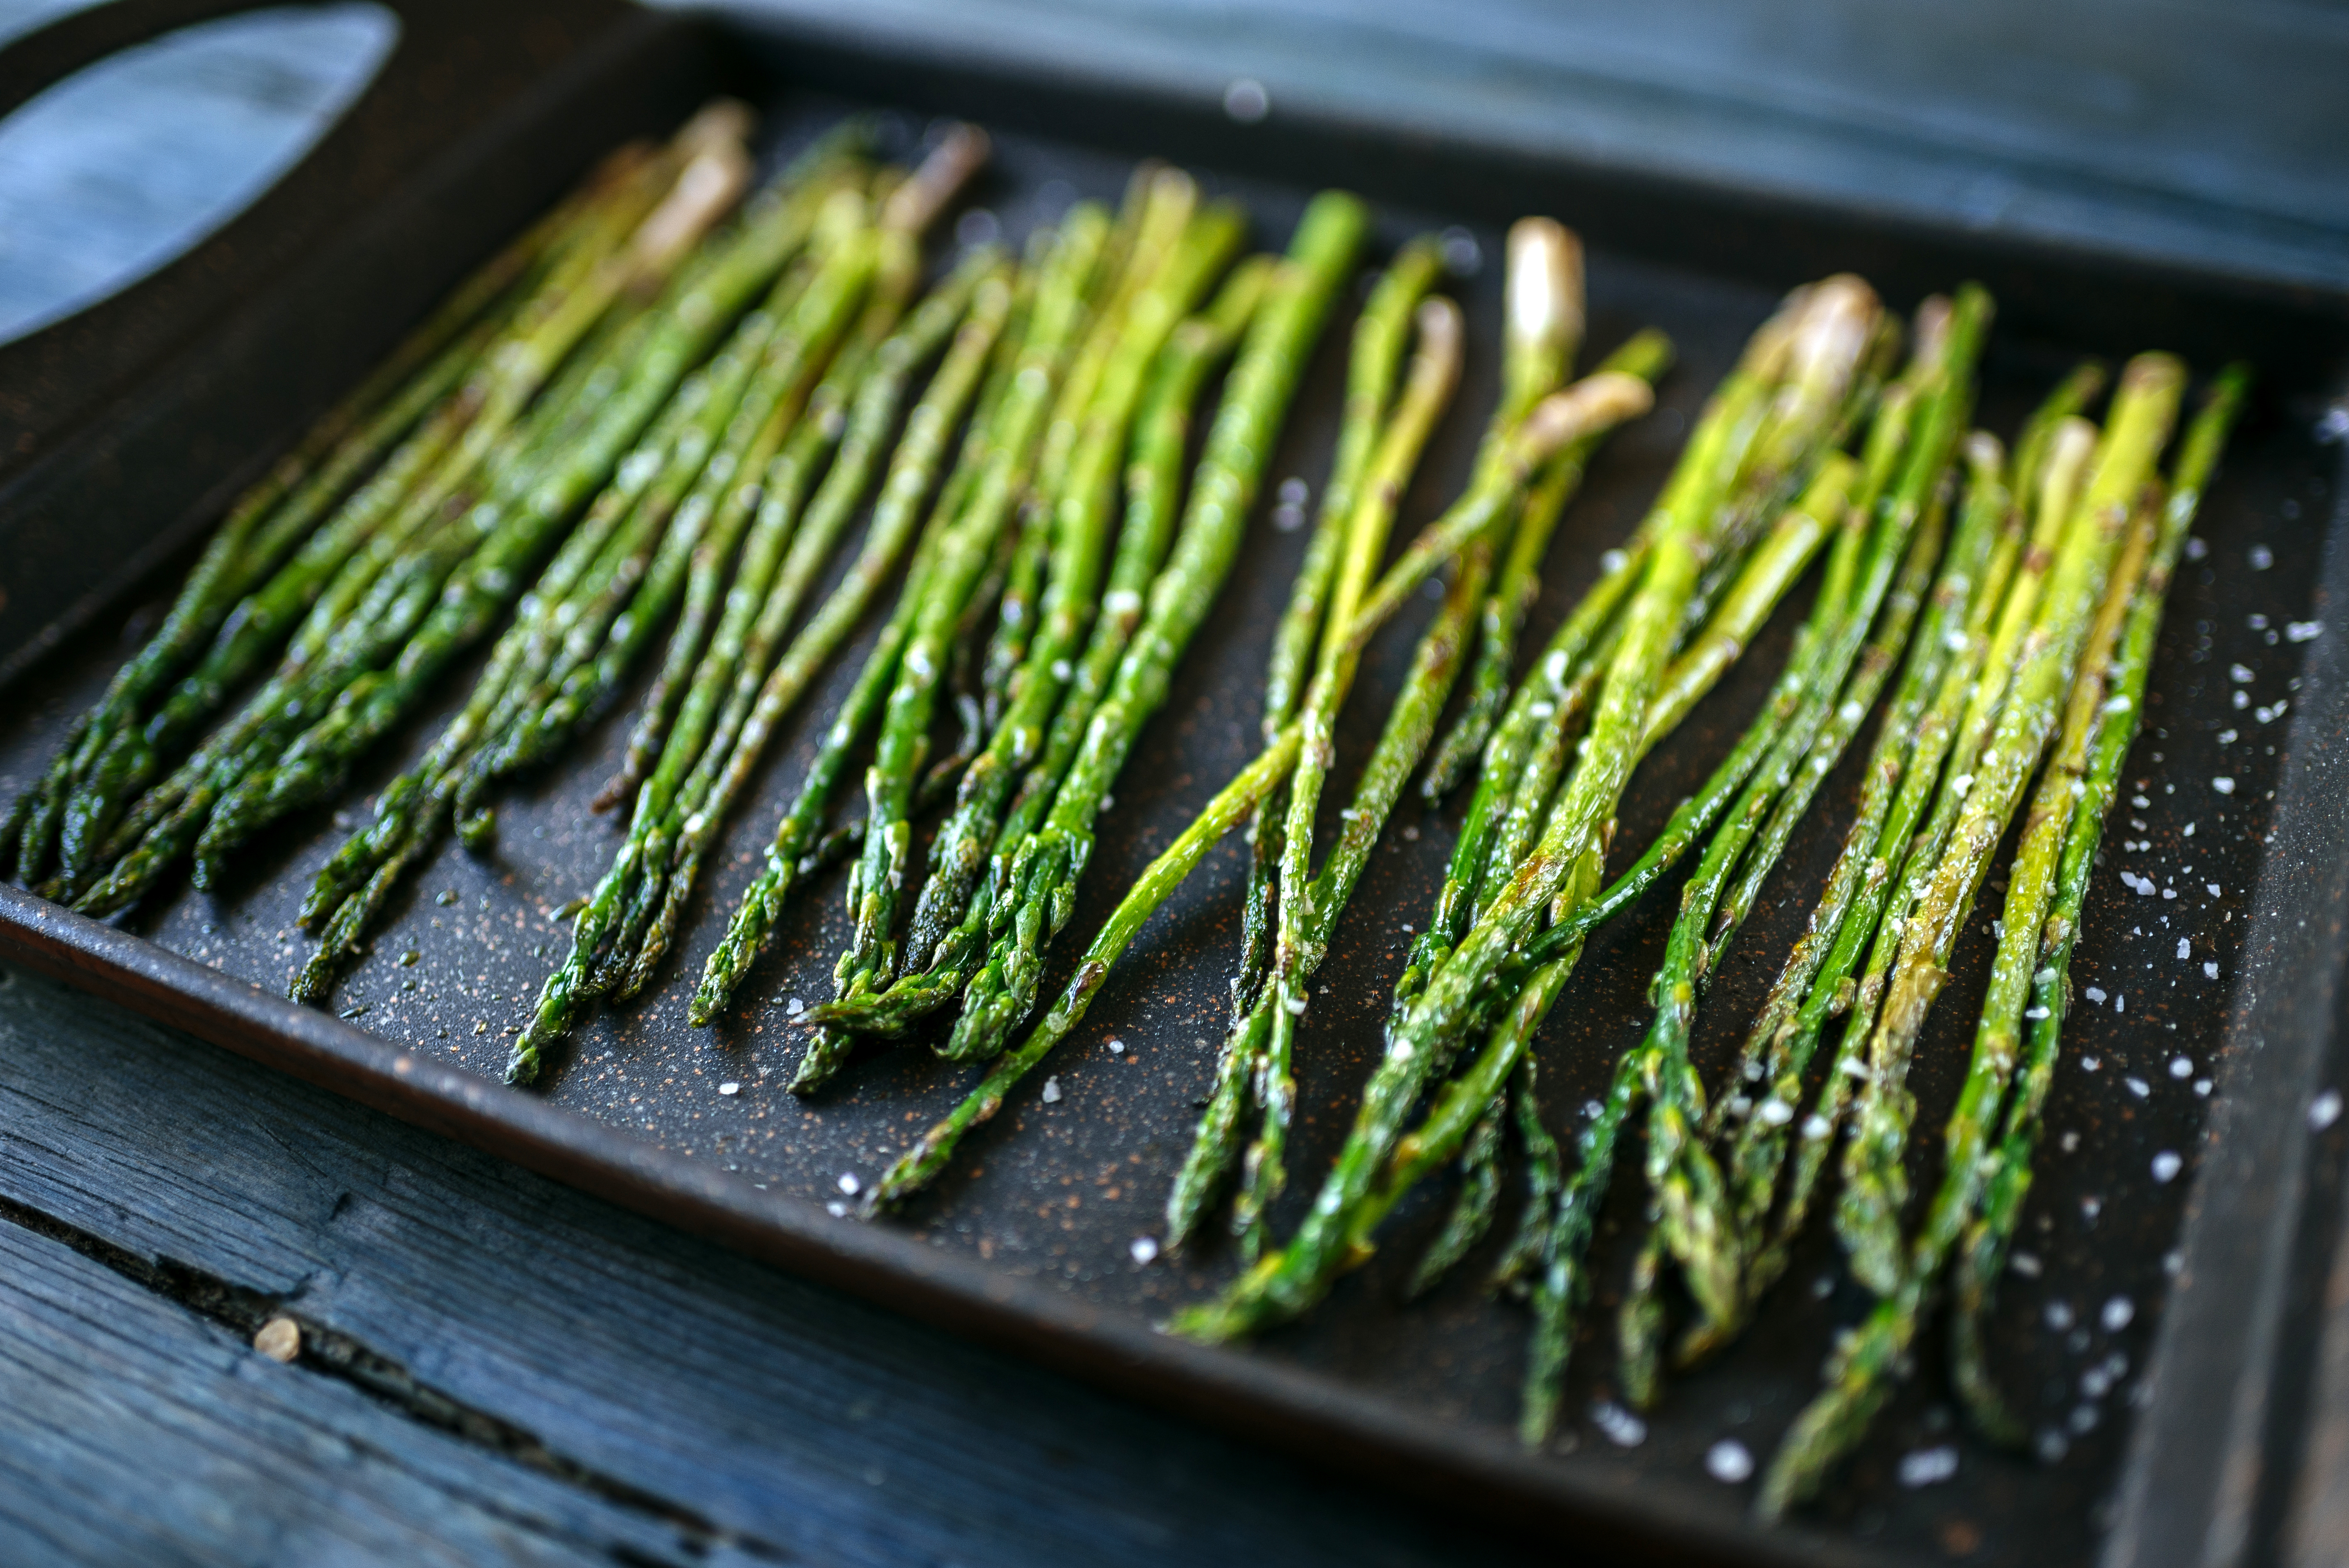 asparagus on a tray